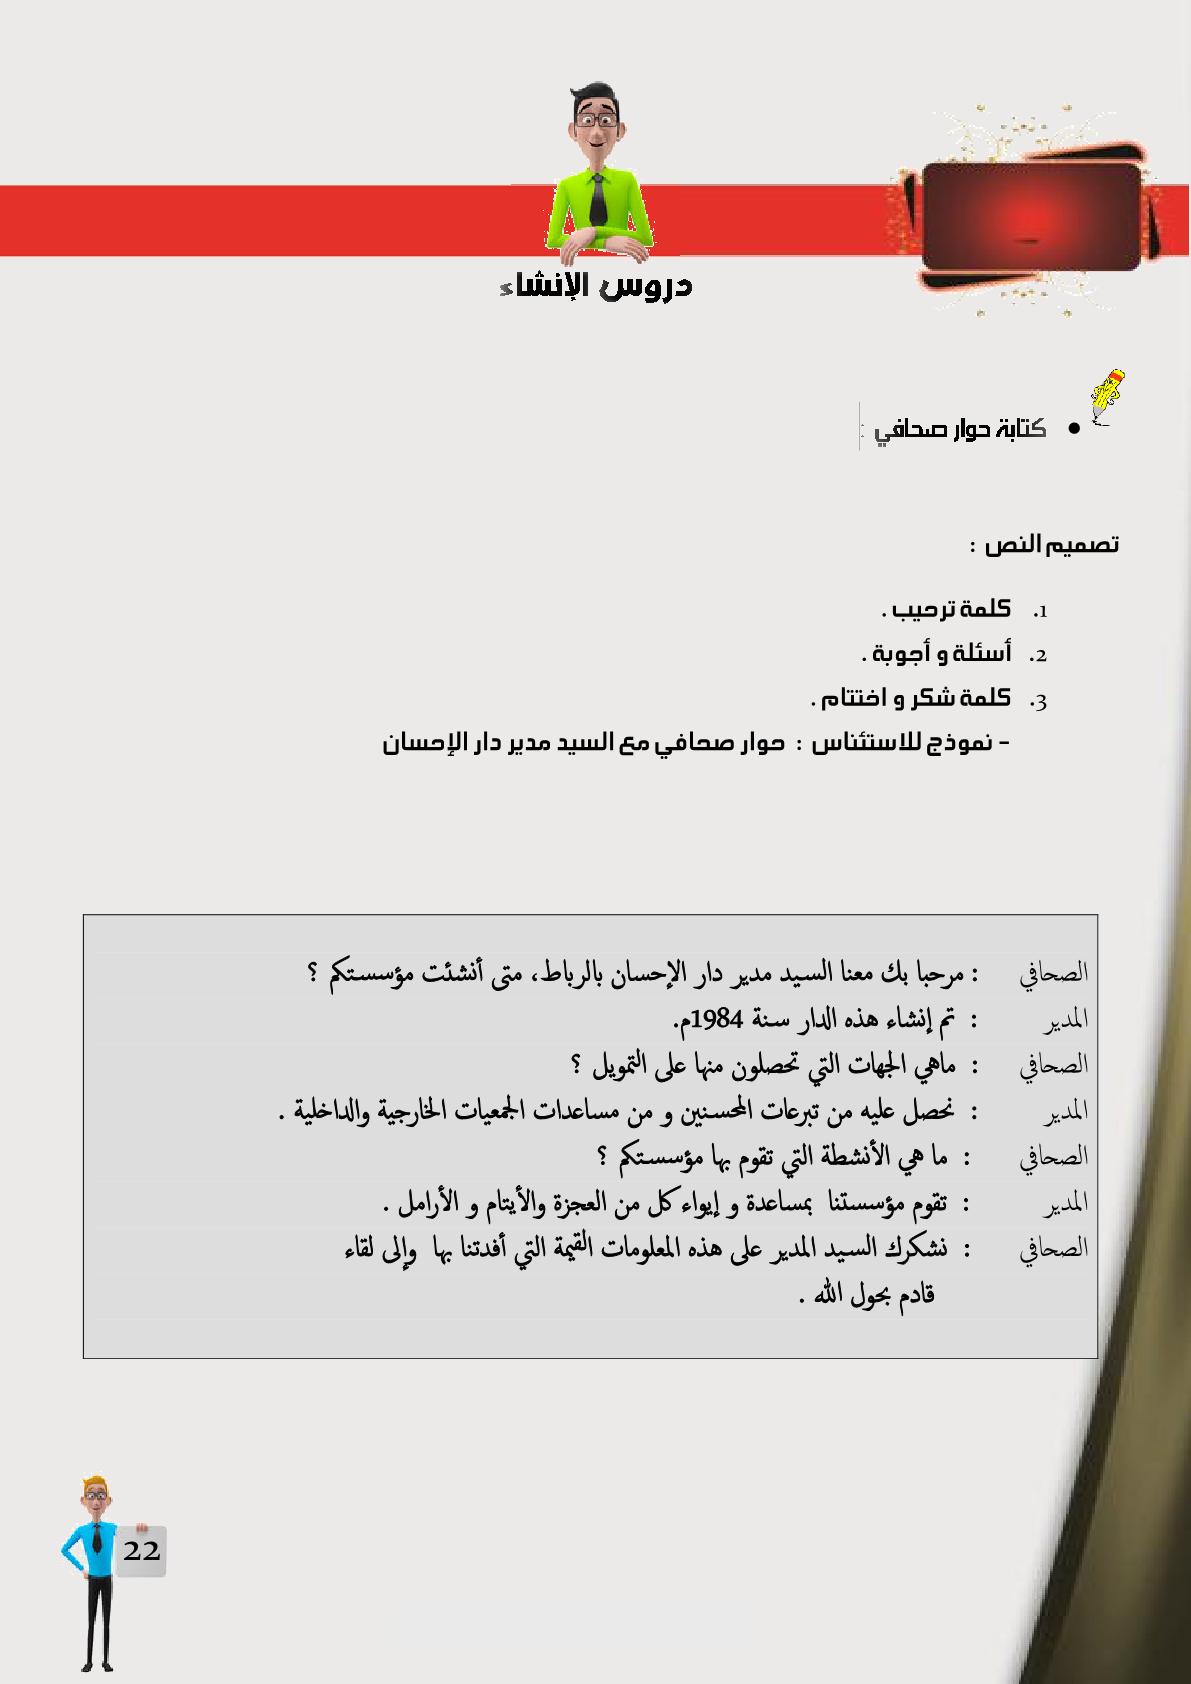 درس كتابة حوار صحافي مادة اللغة العربية للسنة السادسة ابتدائي